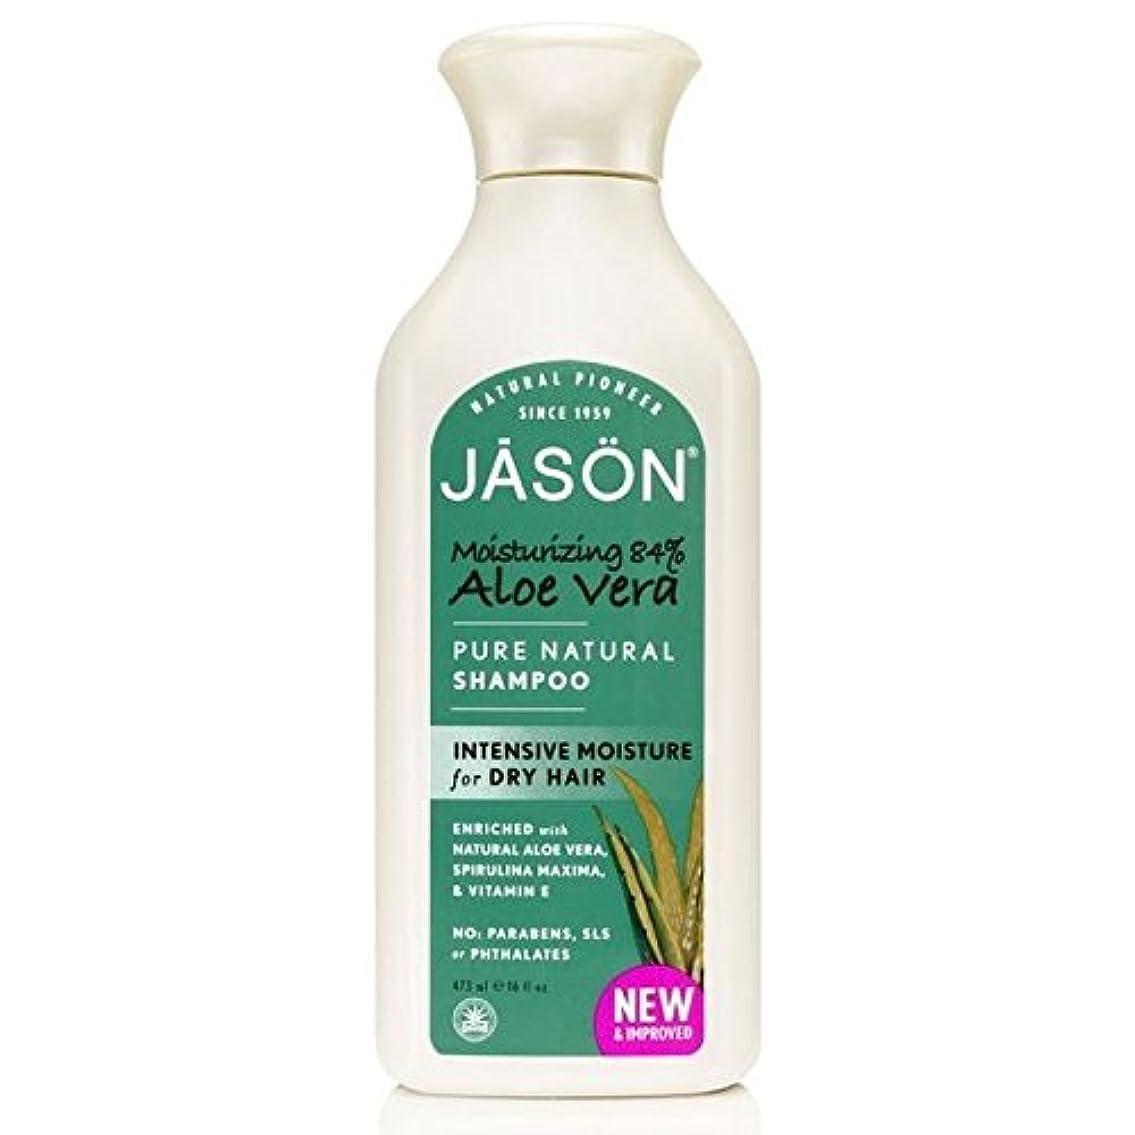 居心地の良いフローティングブレンドJason Aloe Vera 84% Pure Natural Shampoo 475ml (Pack of 6) - ジェイソンのアロエベラ84%の純粋な天然シャンプー475ミリリットル x6 [並行輸入品]